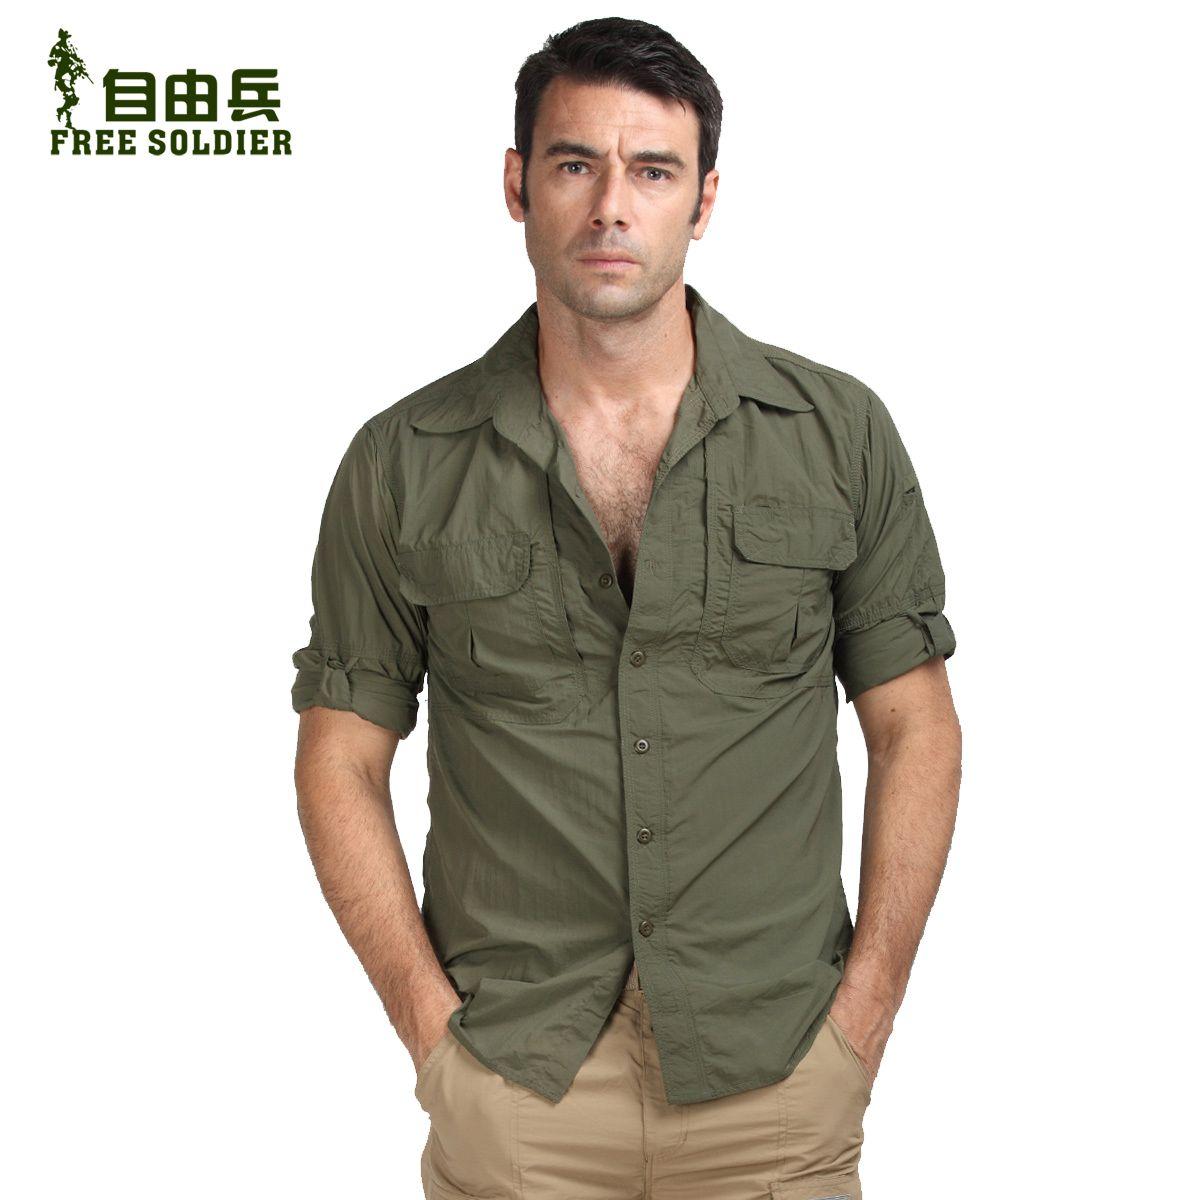 khaki pant green shirt outfit men , Buscar con Google